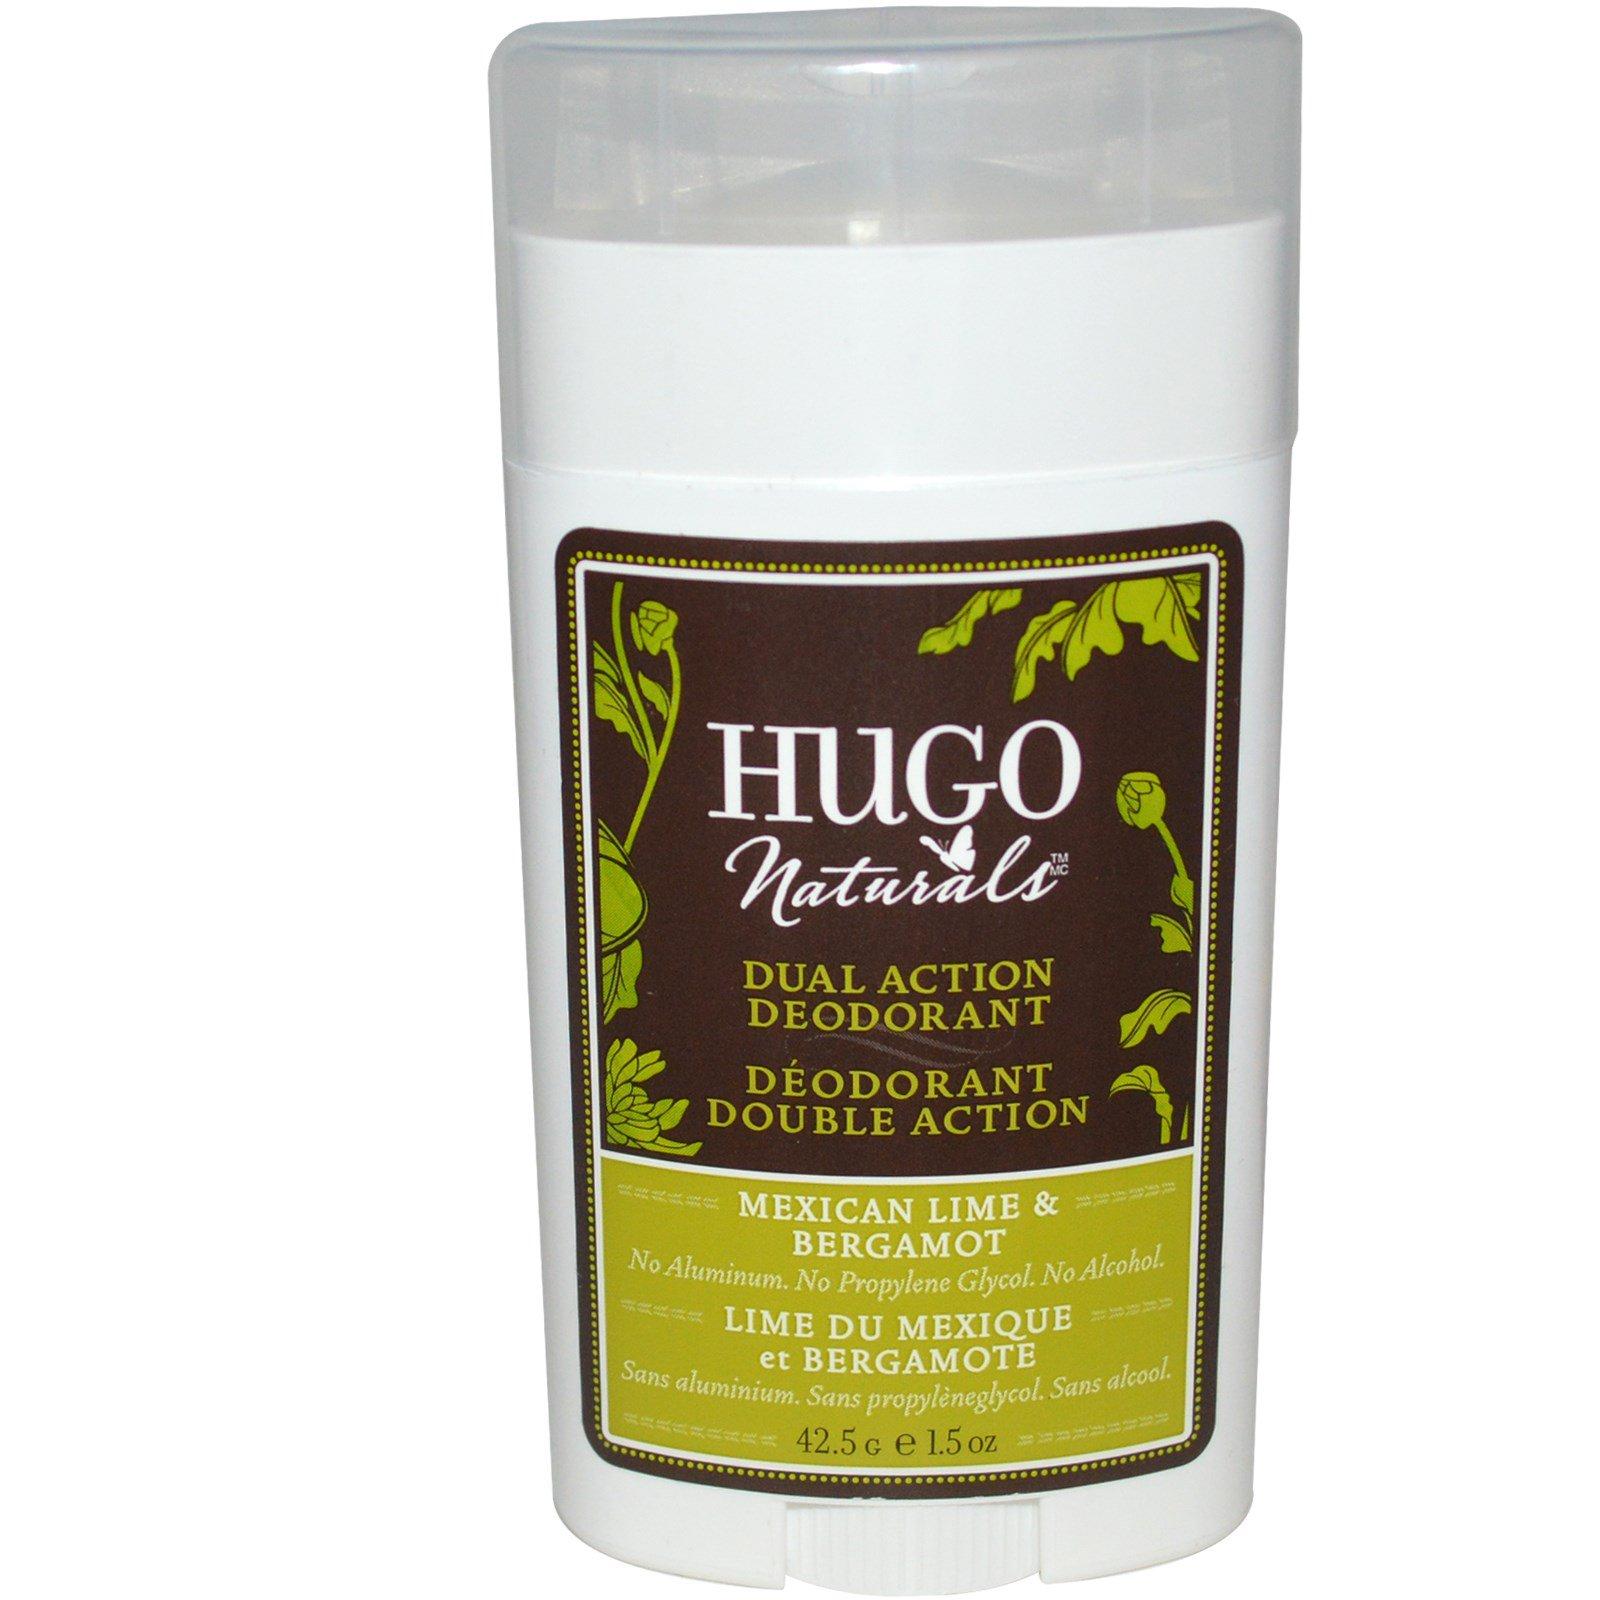 Hugo Naturals, Дезодорант двойного действия, мексиканский лайм и бергамот, 42,5 г